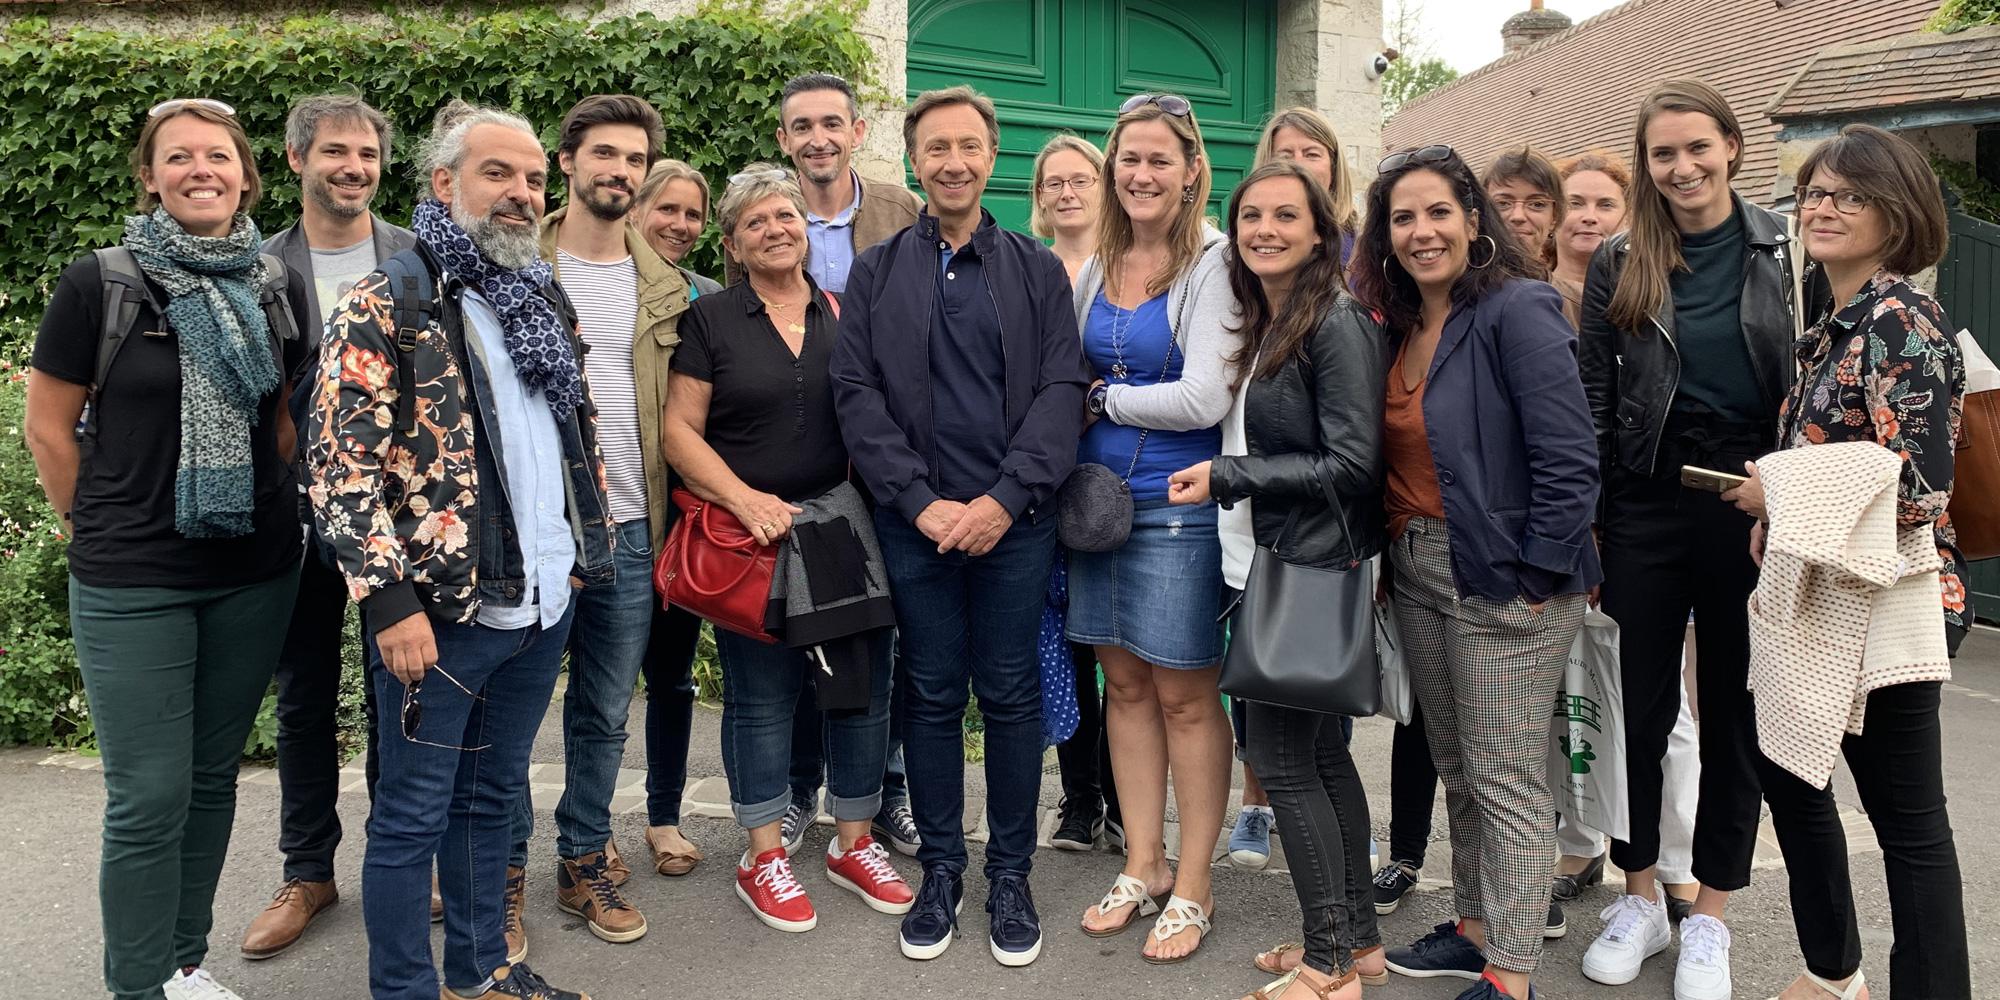 Visite de Giverny avec Notabene